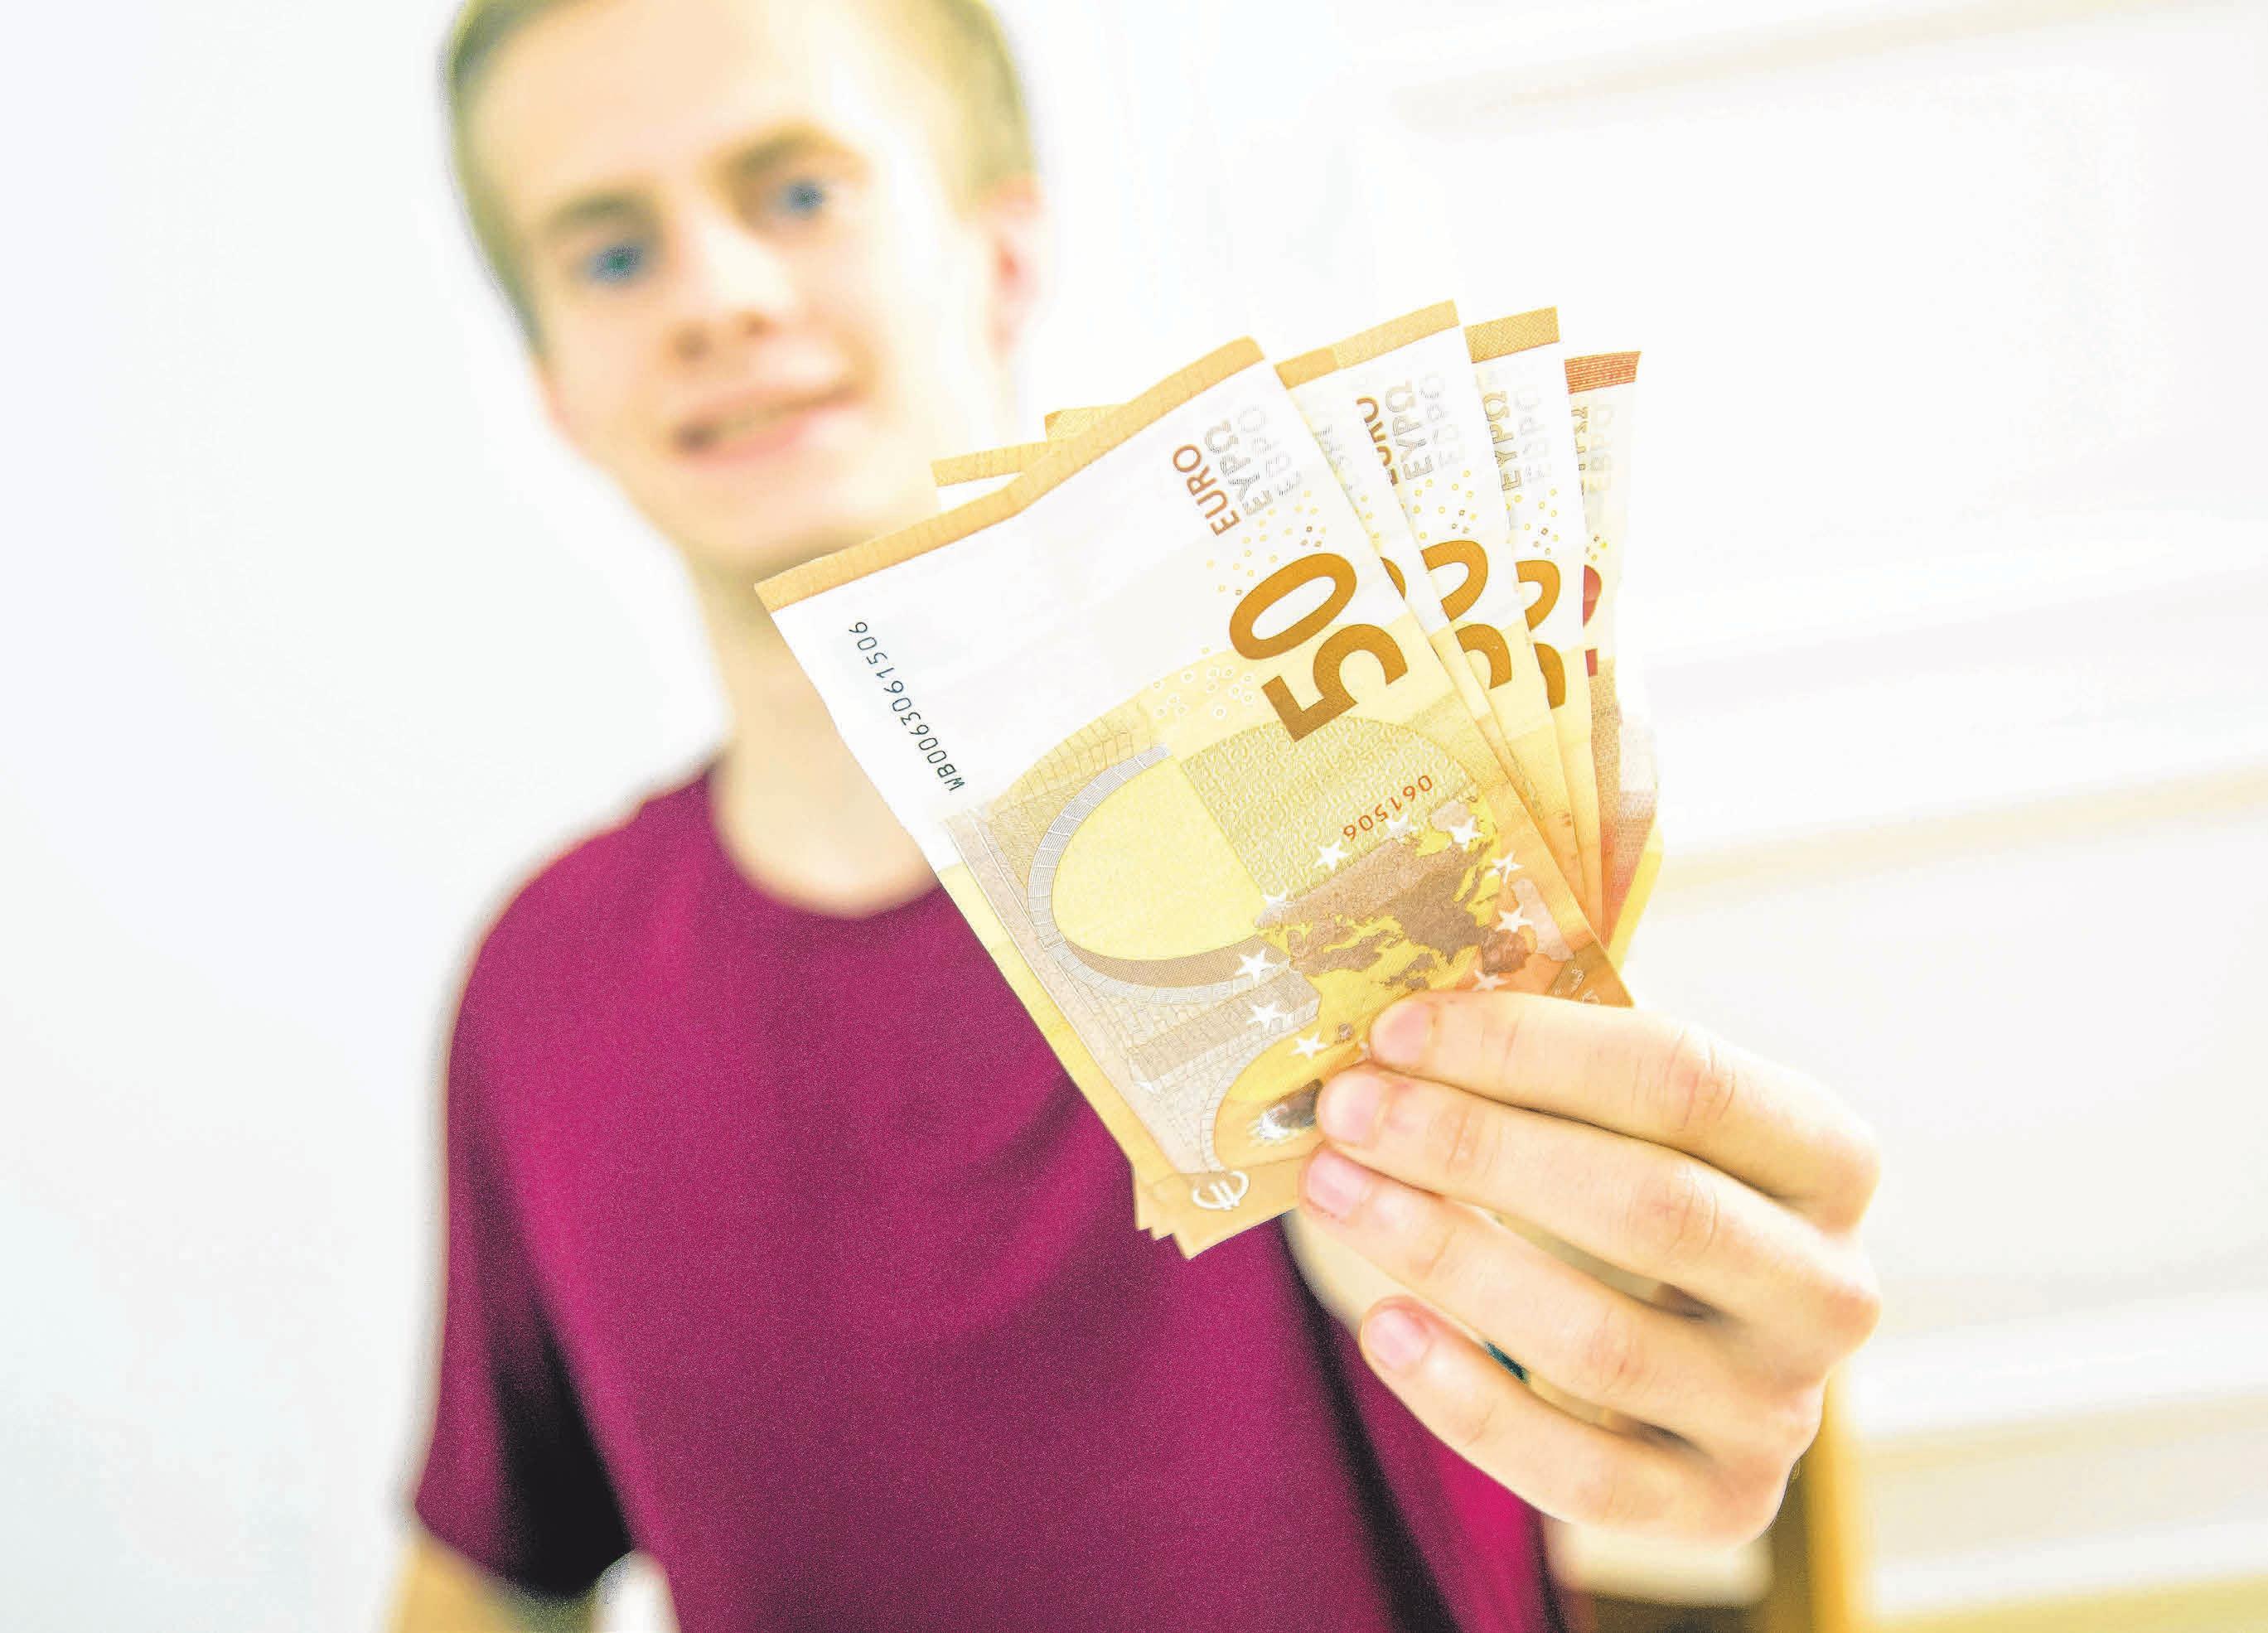 In der Ausbildung verdienen viele junge Menschen endlich ihr eigenes Geld – und sind darauf richtig stolz. Aber wie viel ist das eigentlich? Und was kann man tun, wenn das Geld nicht zum Leben reicht? Foto: Christin Klos